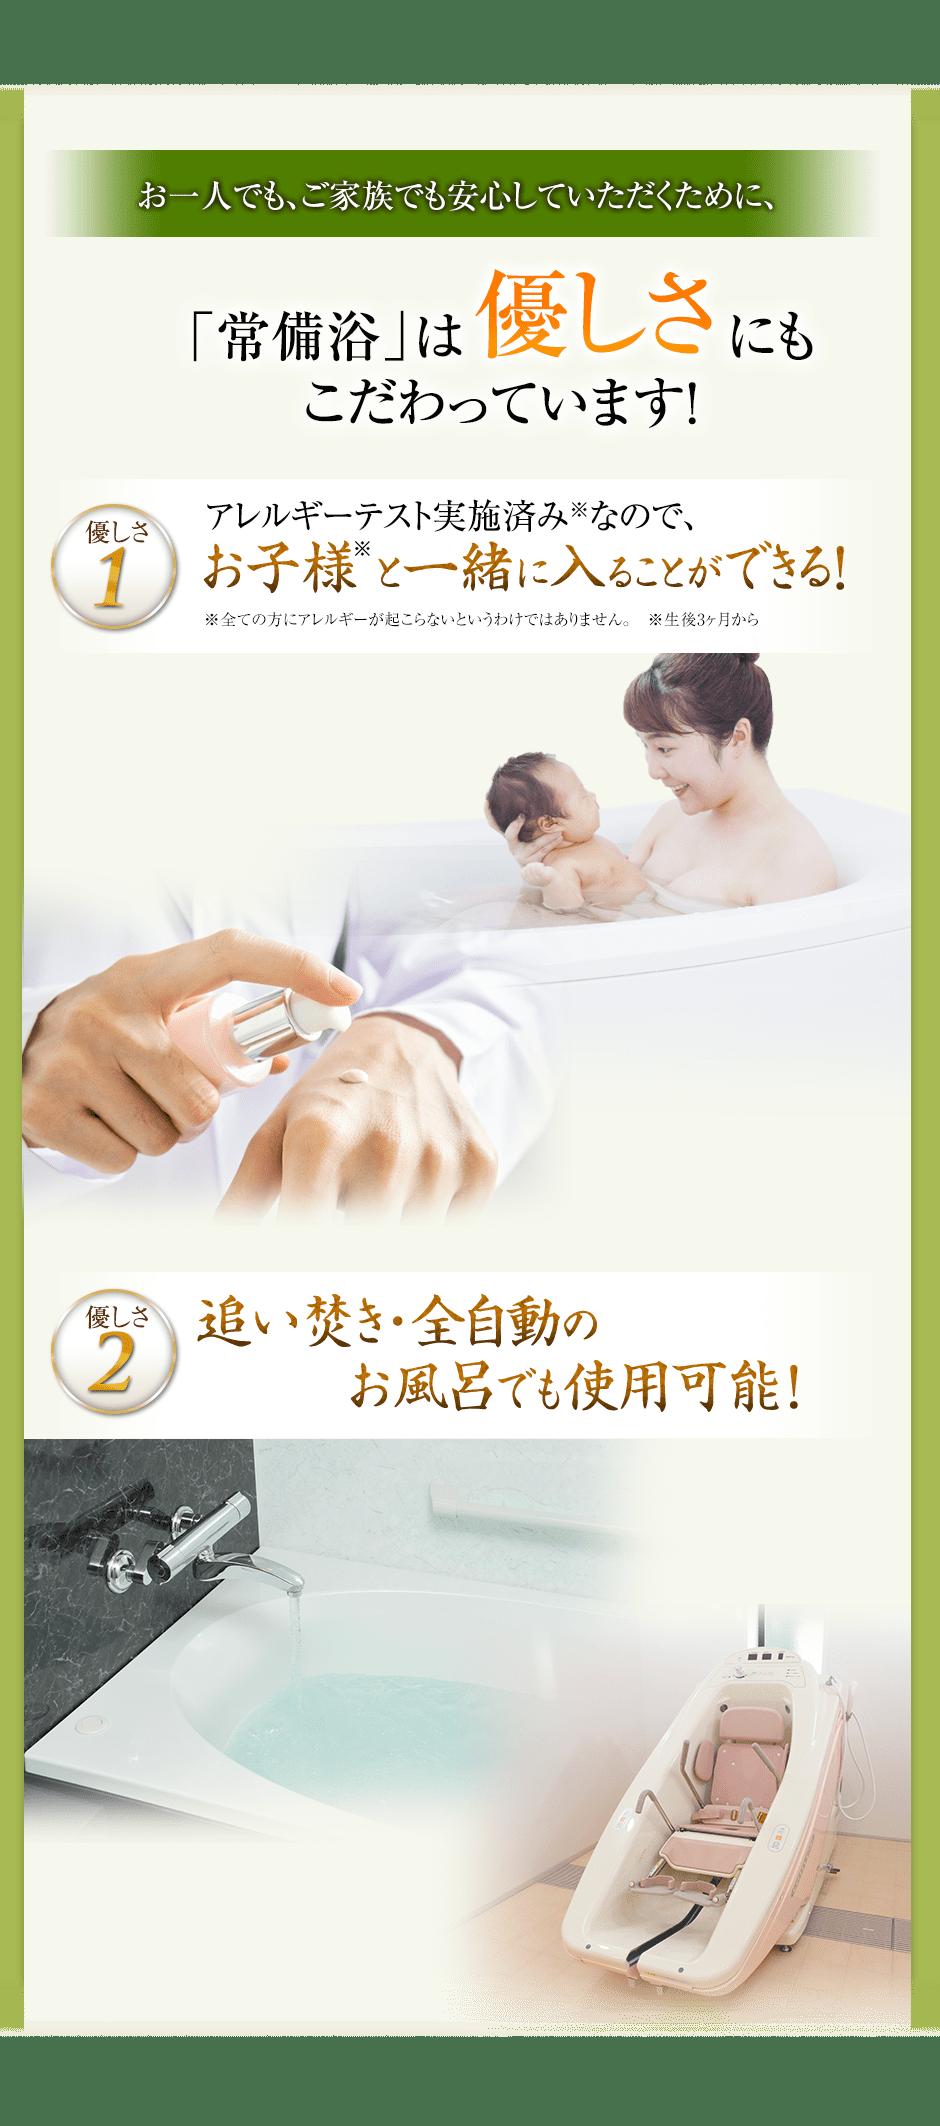 「常備浴」は優しさにもこだわっています!